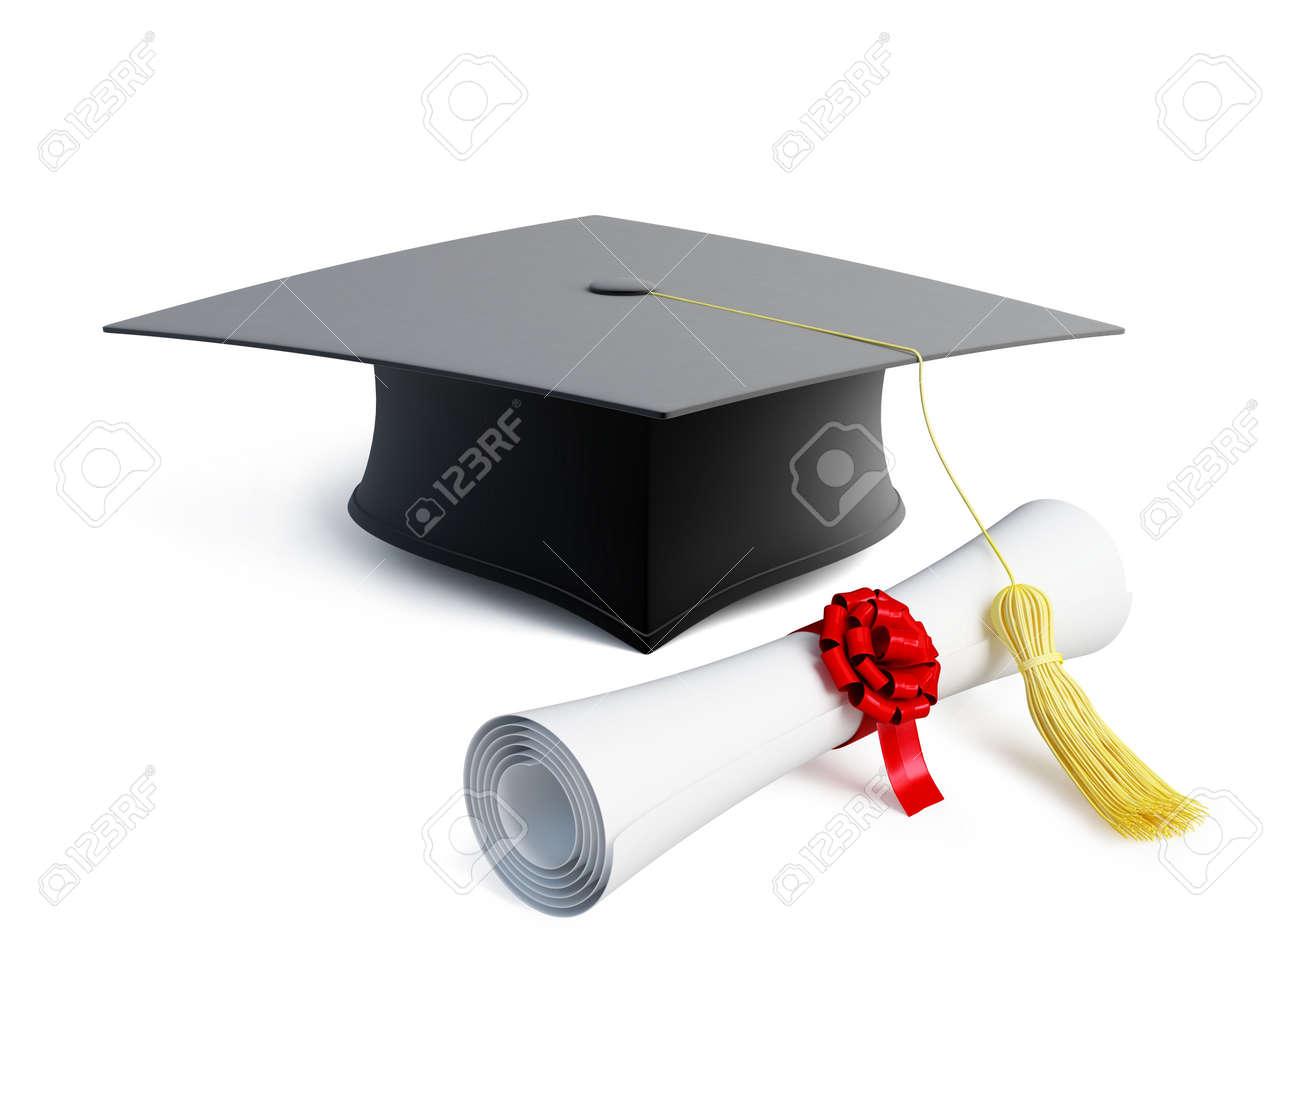 Foto de archivo , diploma de gorro de graduación aislado en un fondo blanco